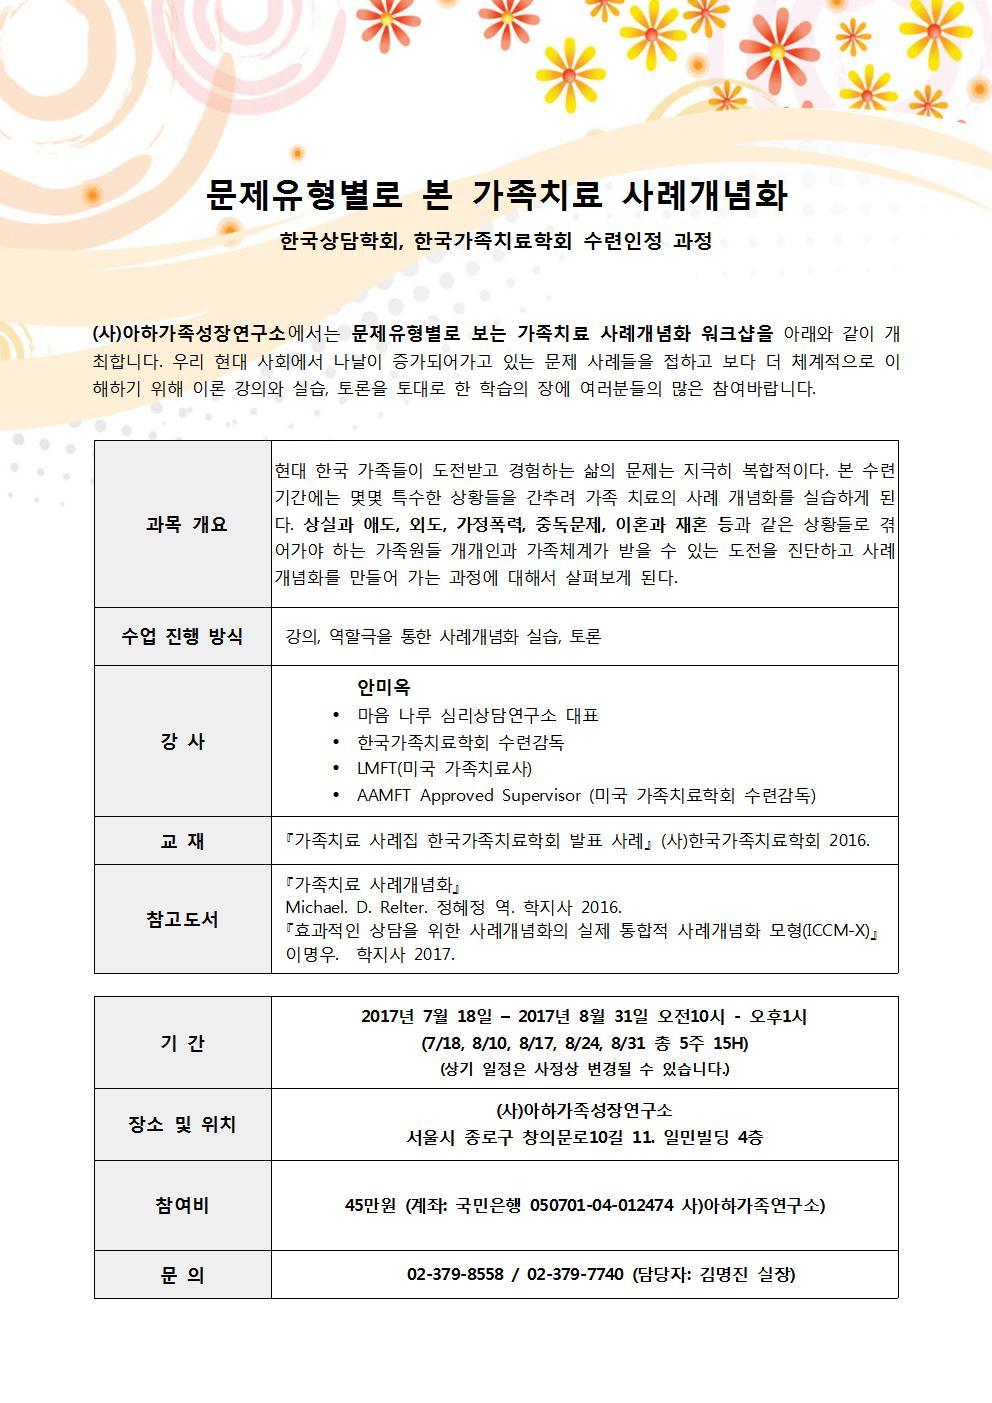 문제유형별로 본 가족치료 사례개념화.jpg